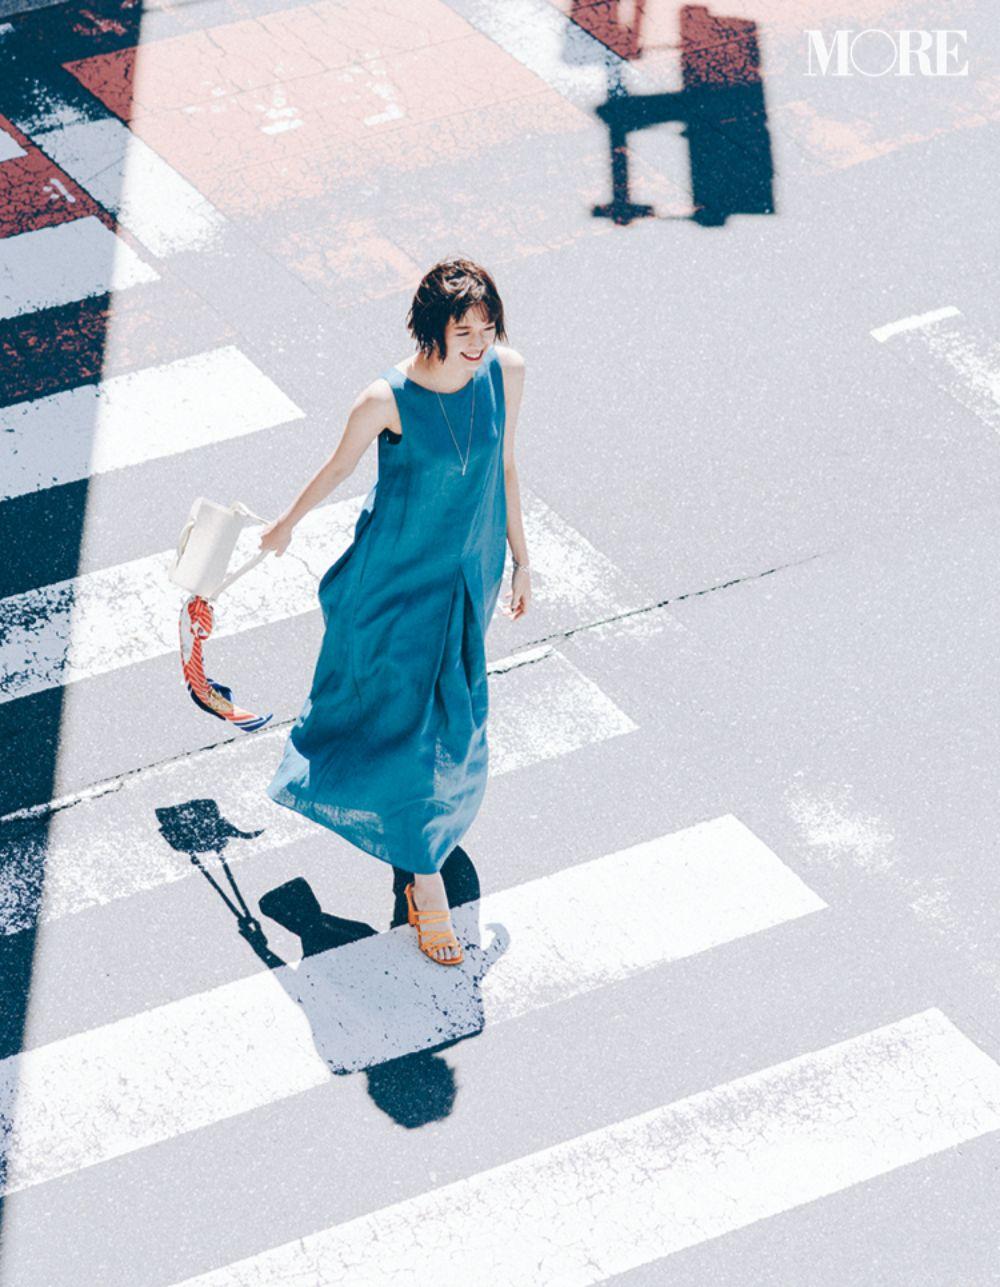 サンダル特集《2019年版》- 20代におすすめの春夏トレンドは? 人気ブランドの新作、美脚見えサンダルなど_12